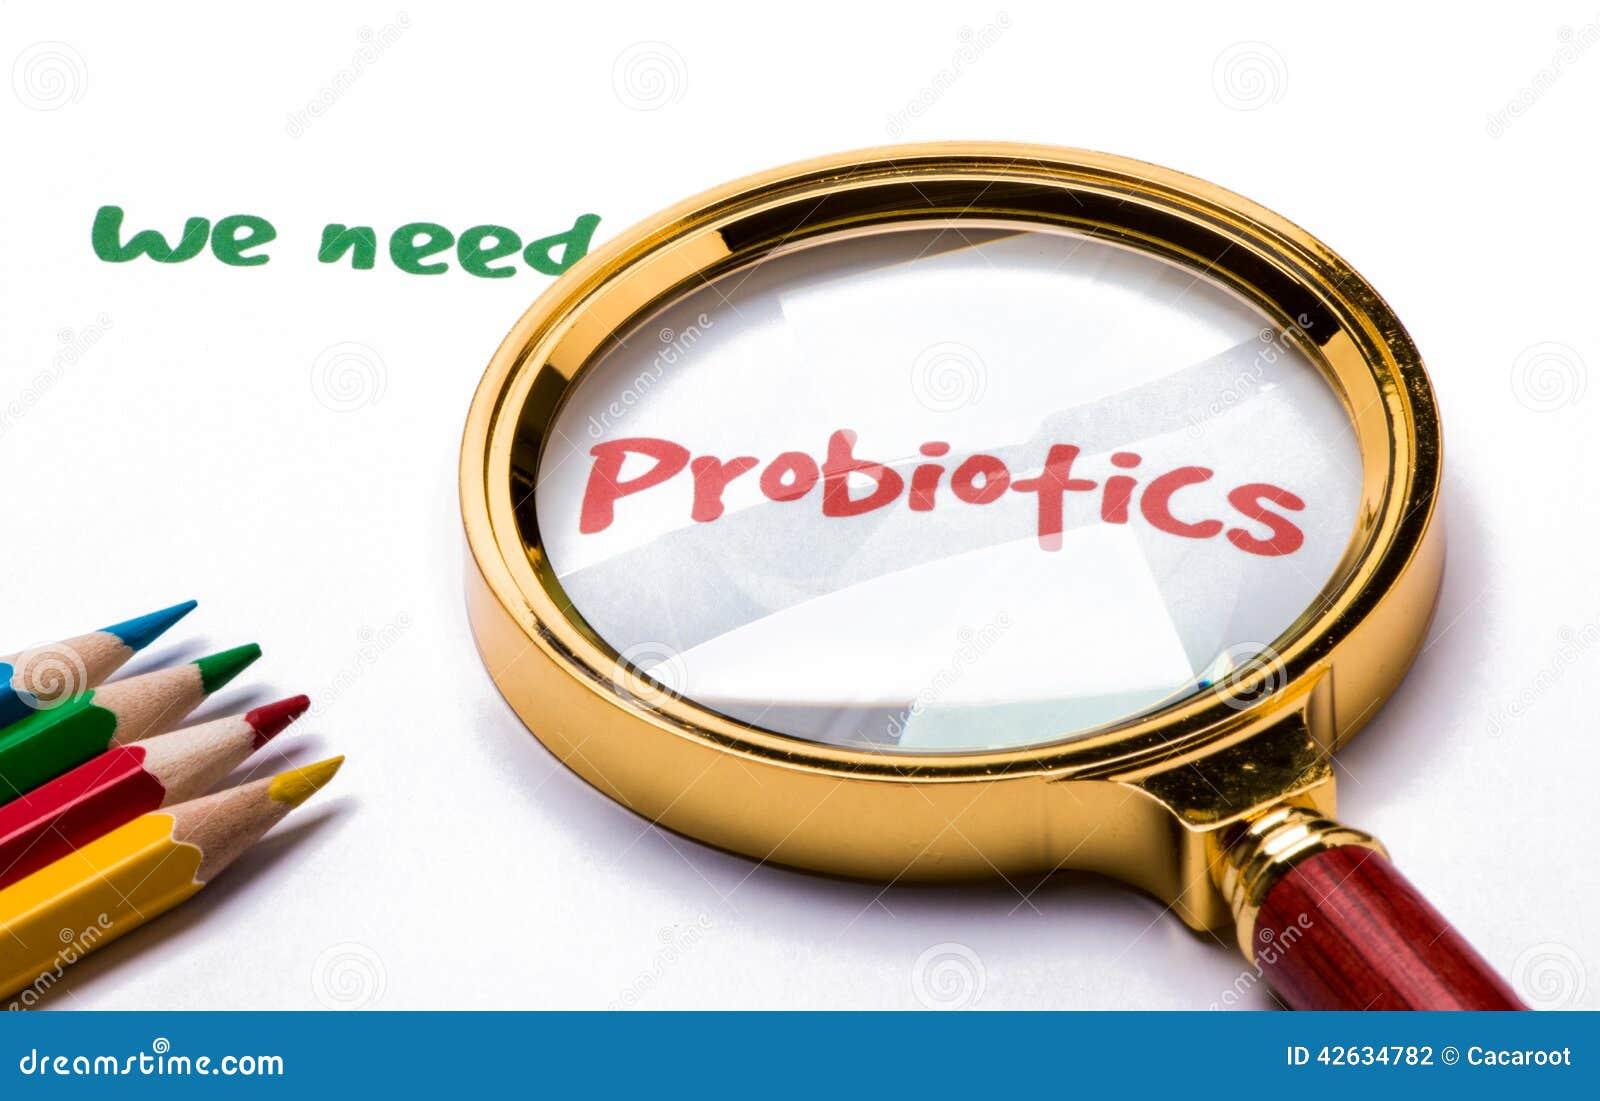 Abbiamo bisogno dei probiotici